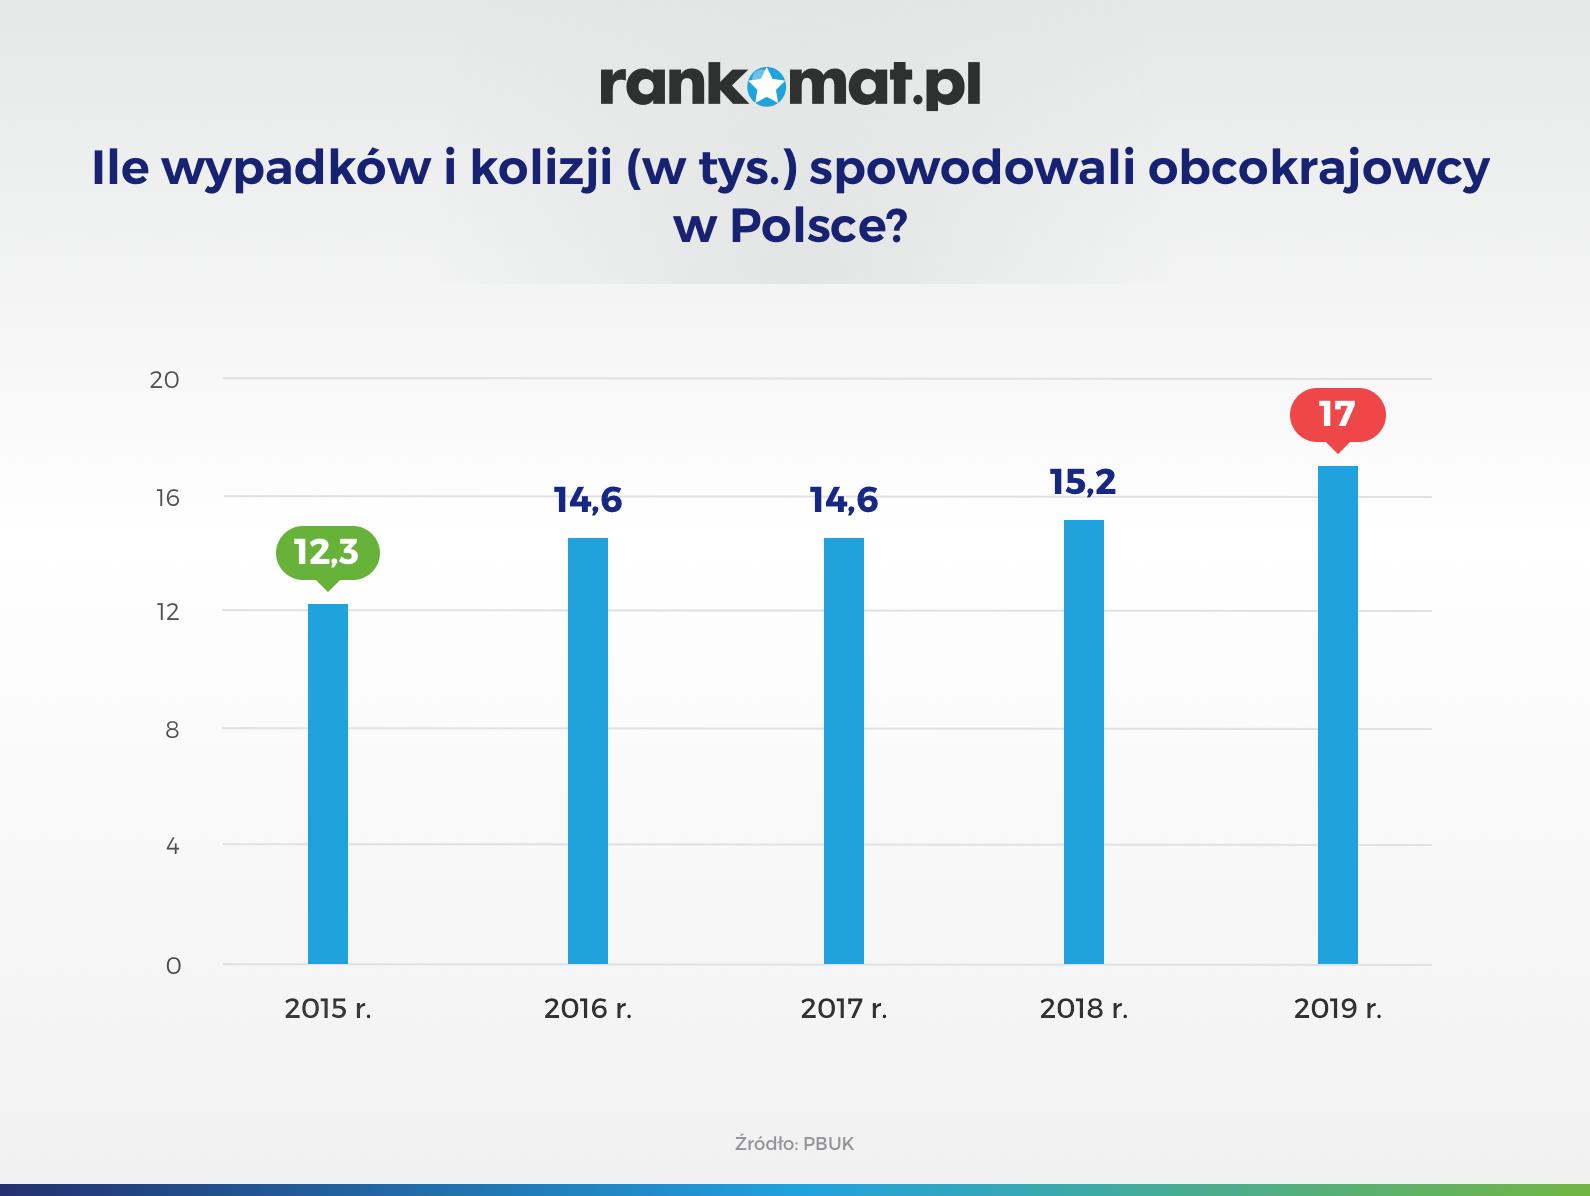 Ile wypadków i kolizji (w tys.) spowodowali obcokrajowcy w Polsce_v2